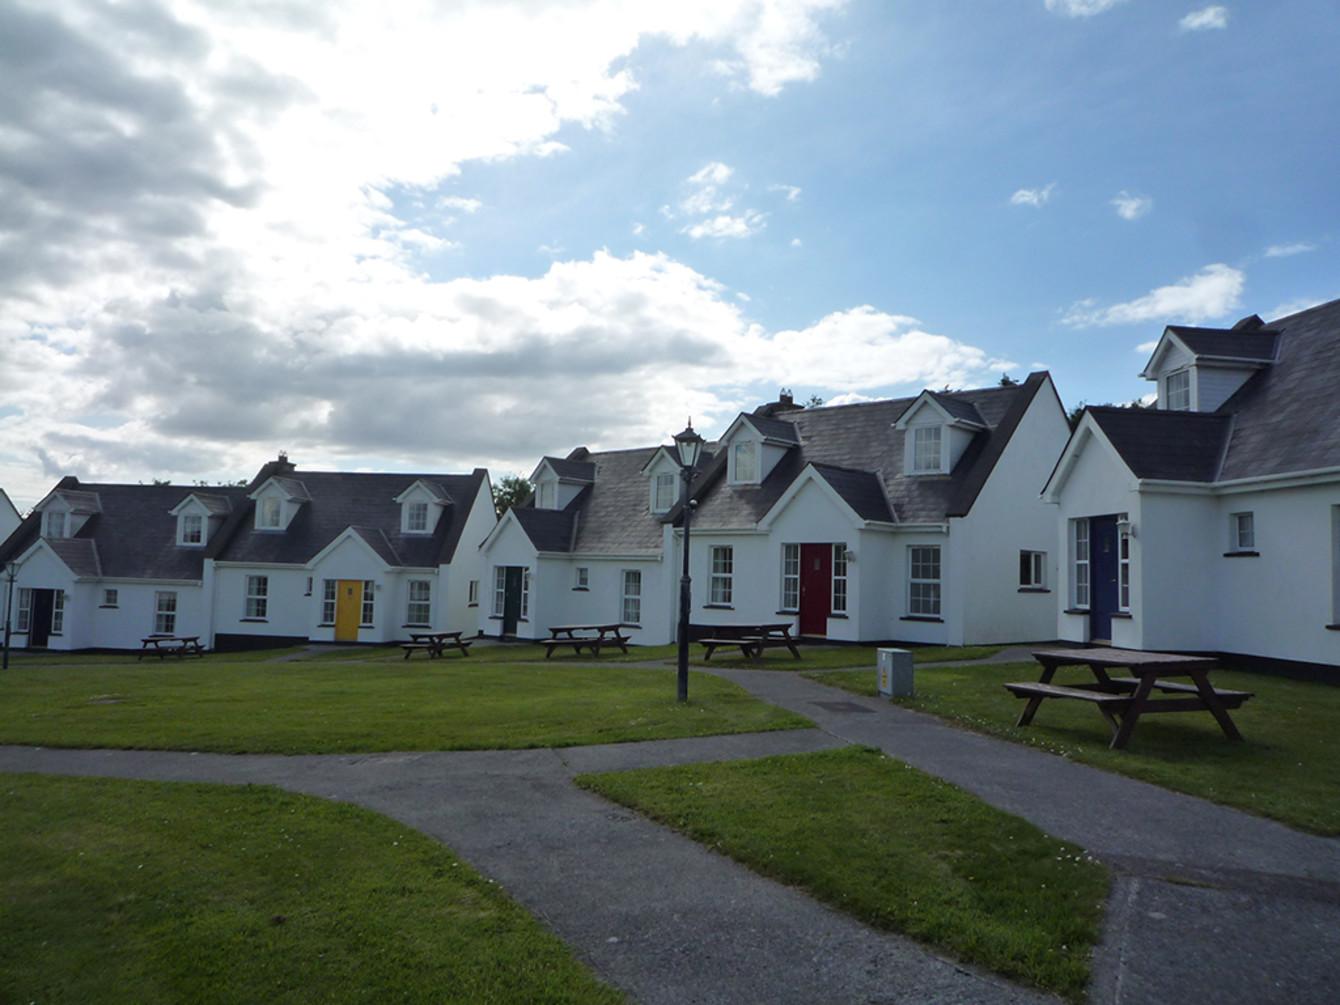 Dingle Harbour Vakantiewoningen